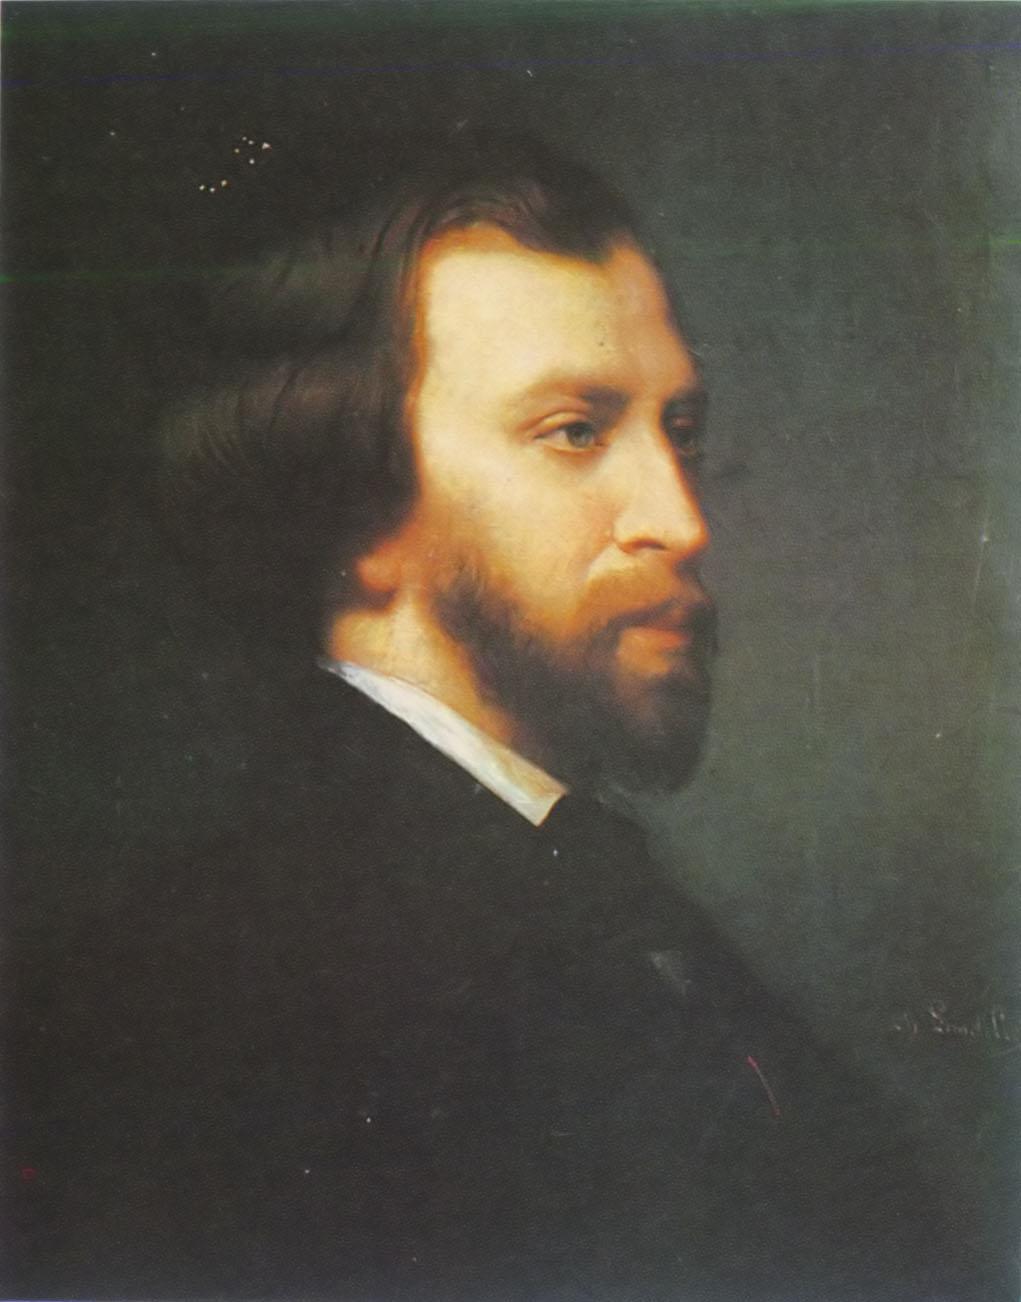 Retrato de Alfred de Musset por Charles Landelle (1854).